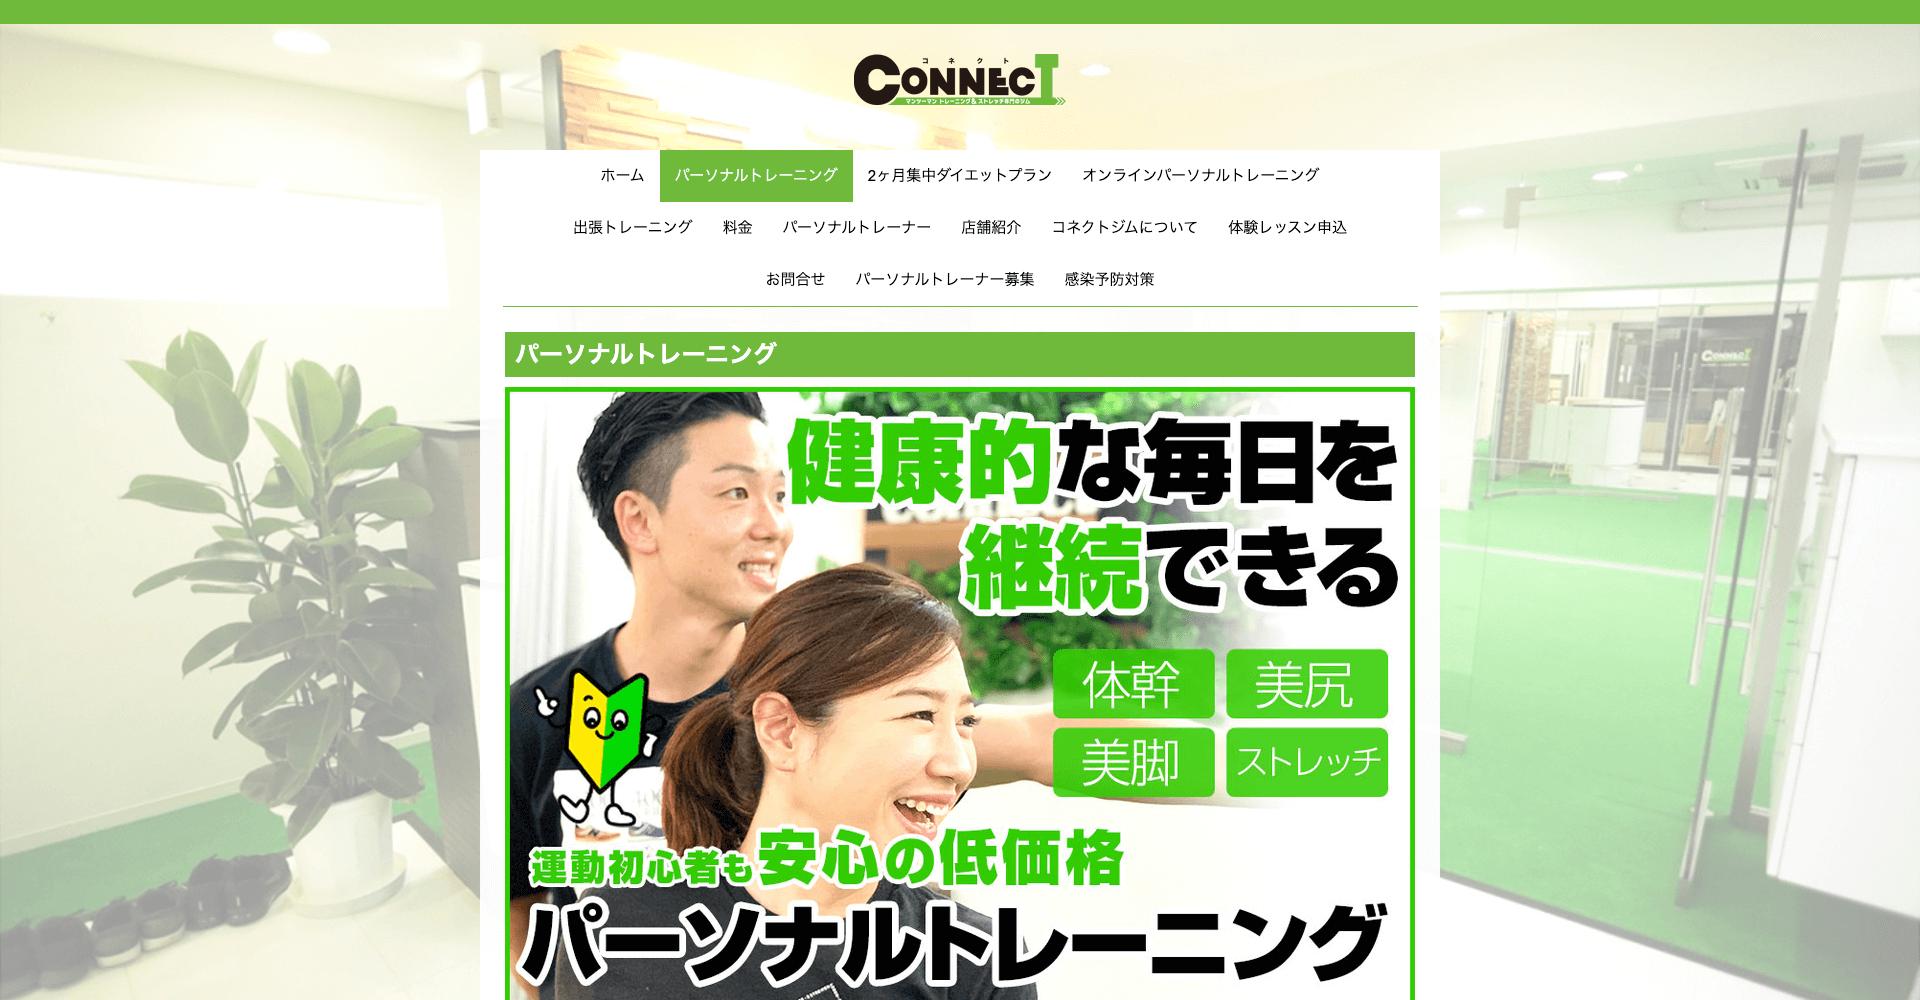 パーソナルトレーニング&ストレッチ connect コネクト